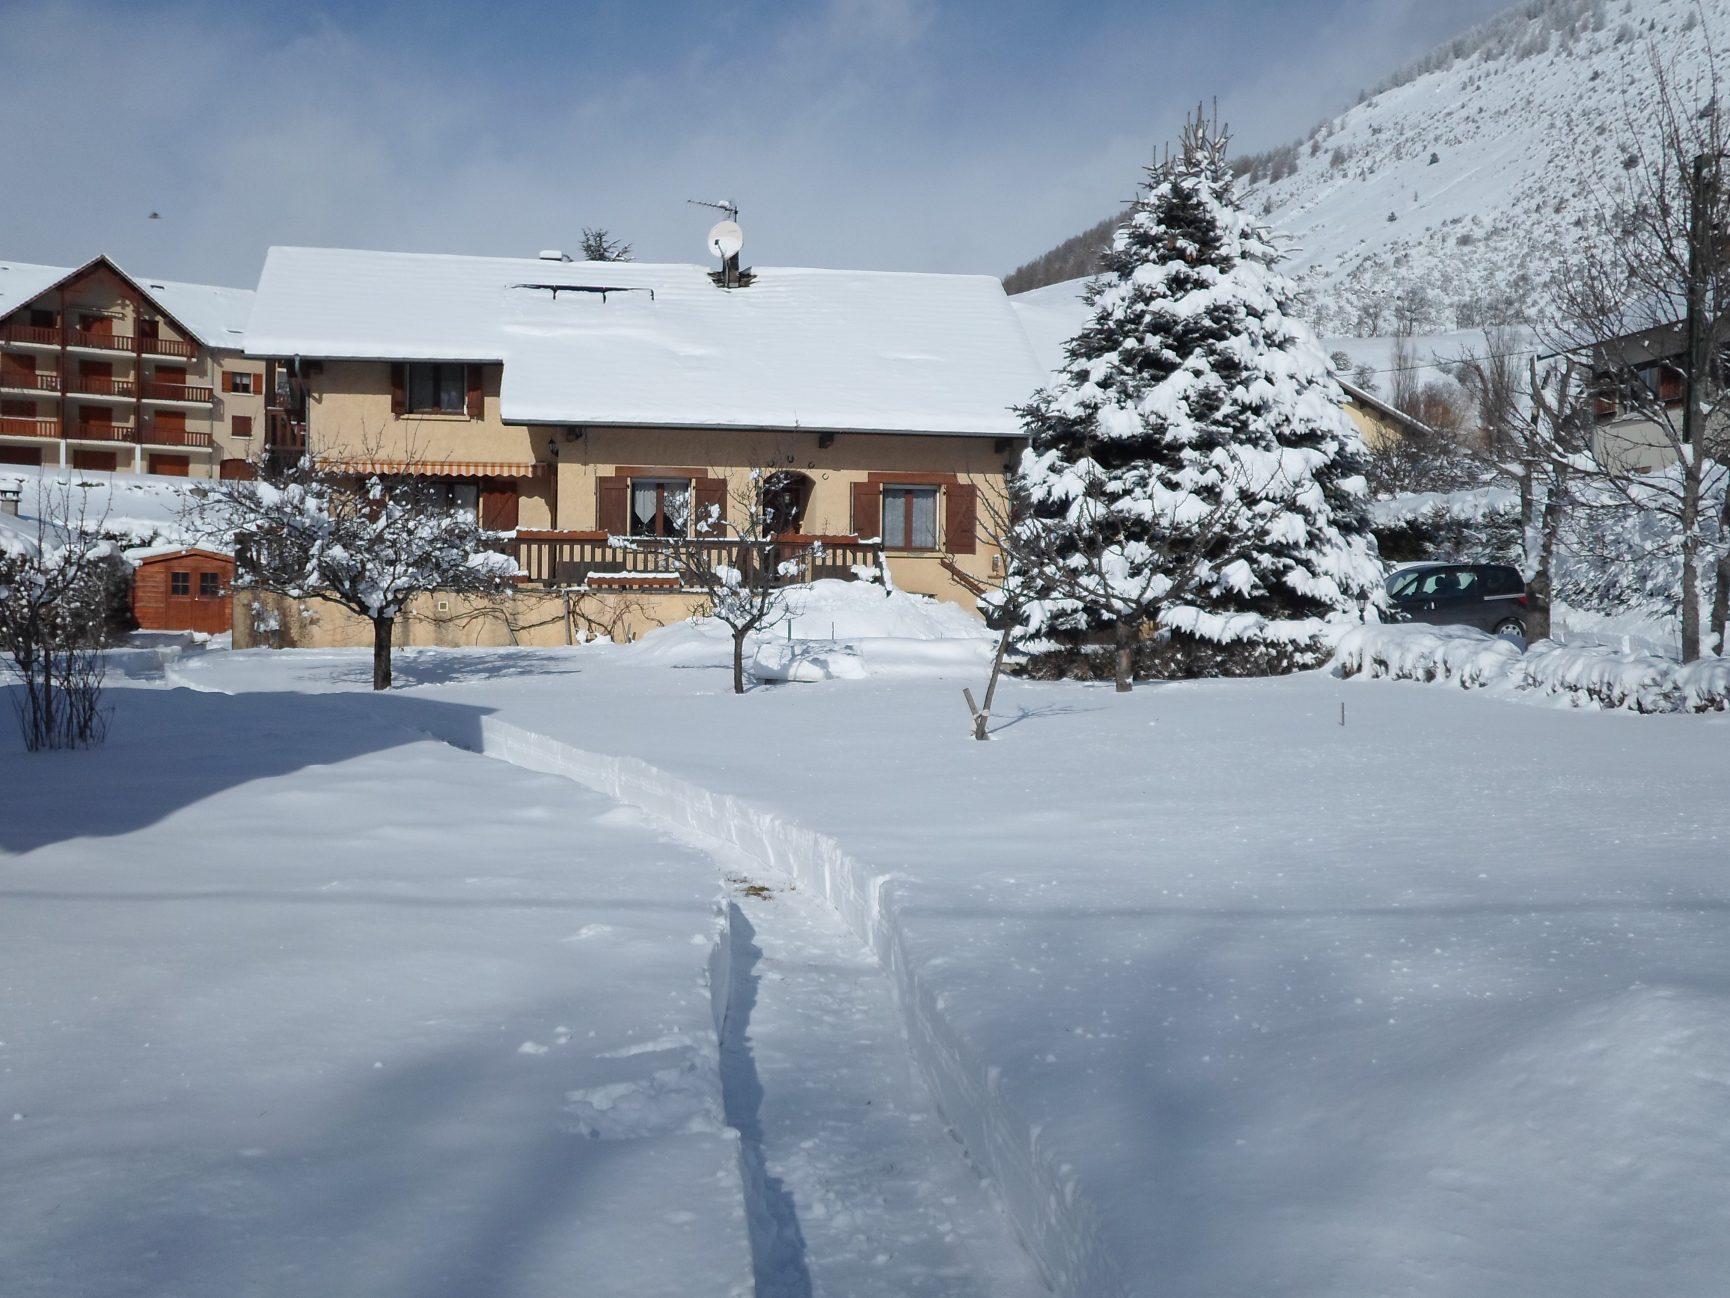 neige 30 01 2015 011